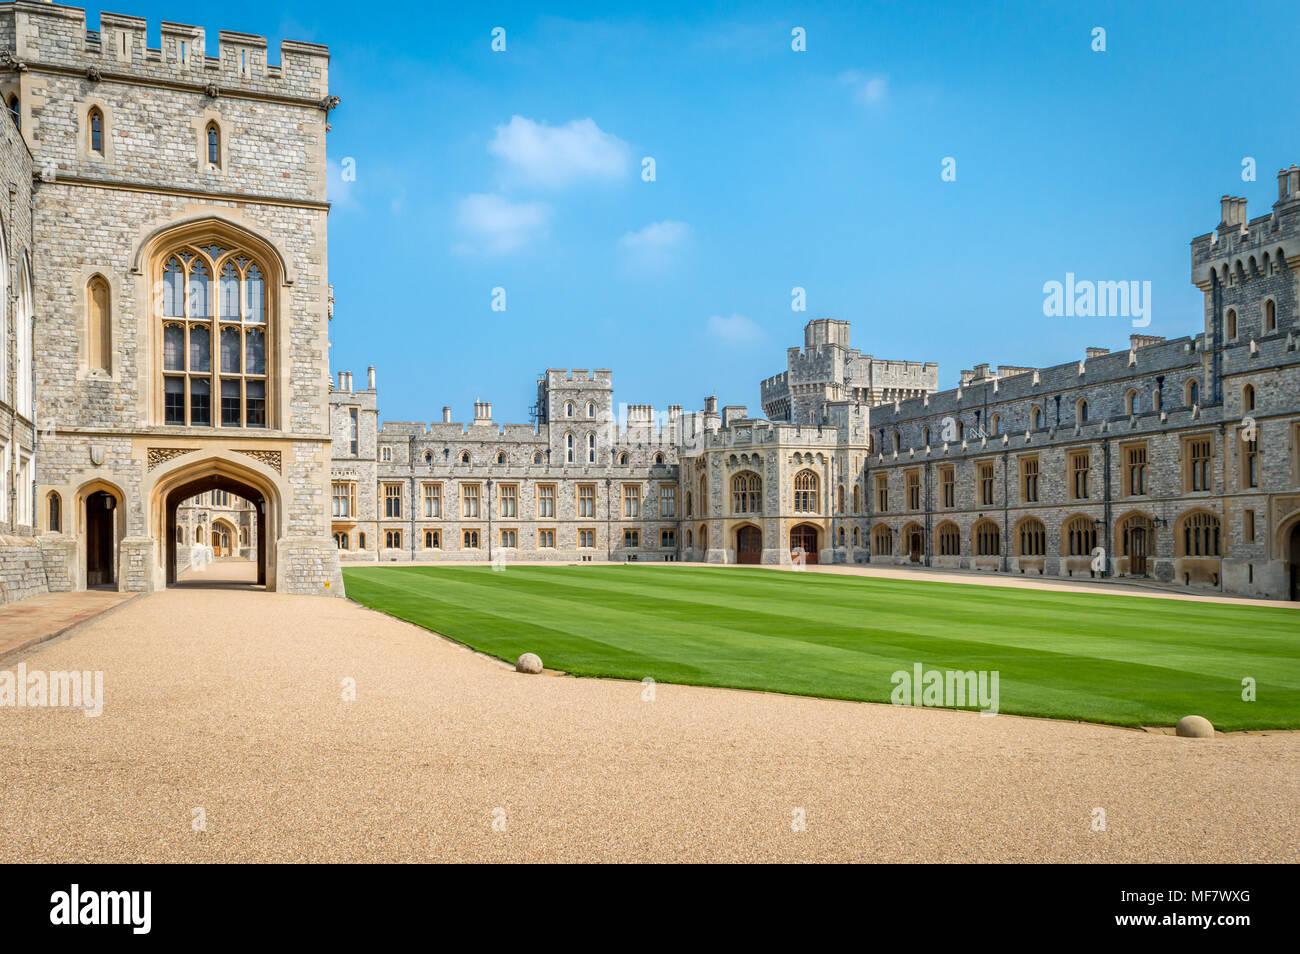 Windsor, Reino Unido - Mayo 05, 2016 : vista de Upper Ward (cuadrilátero) Medieval en el Castillo de Windsor. El Castillo de Windsor es una residencia real en Windsor en Imagen De Stock